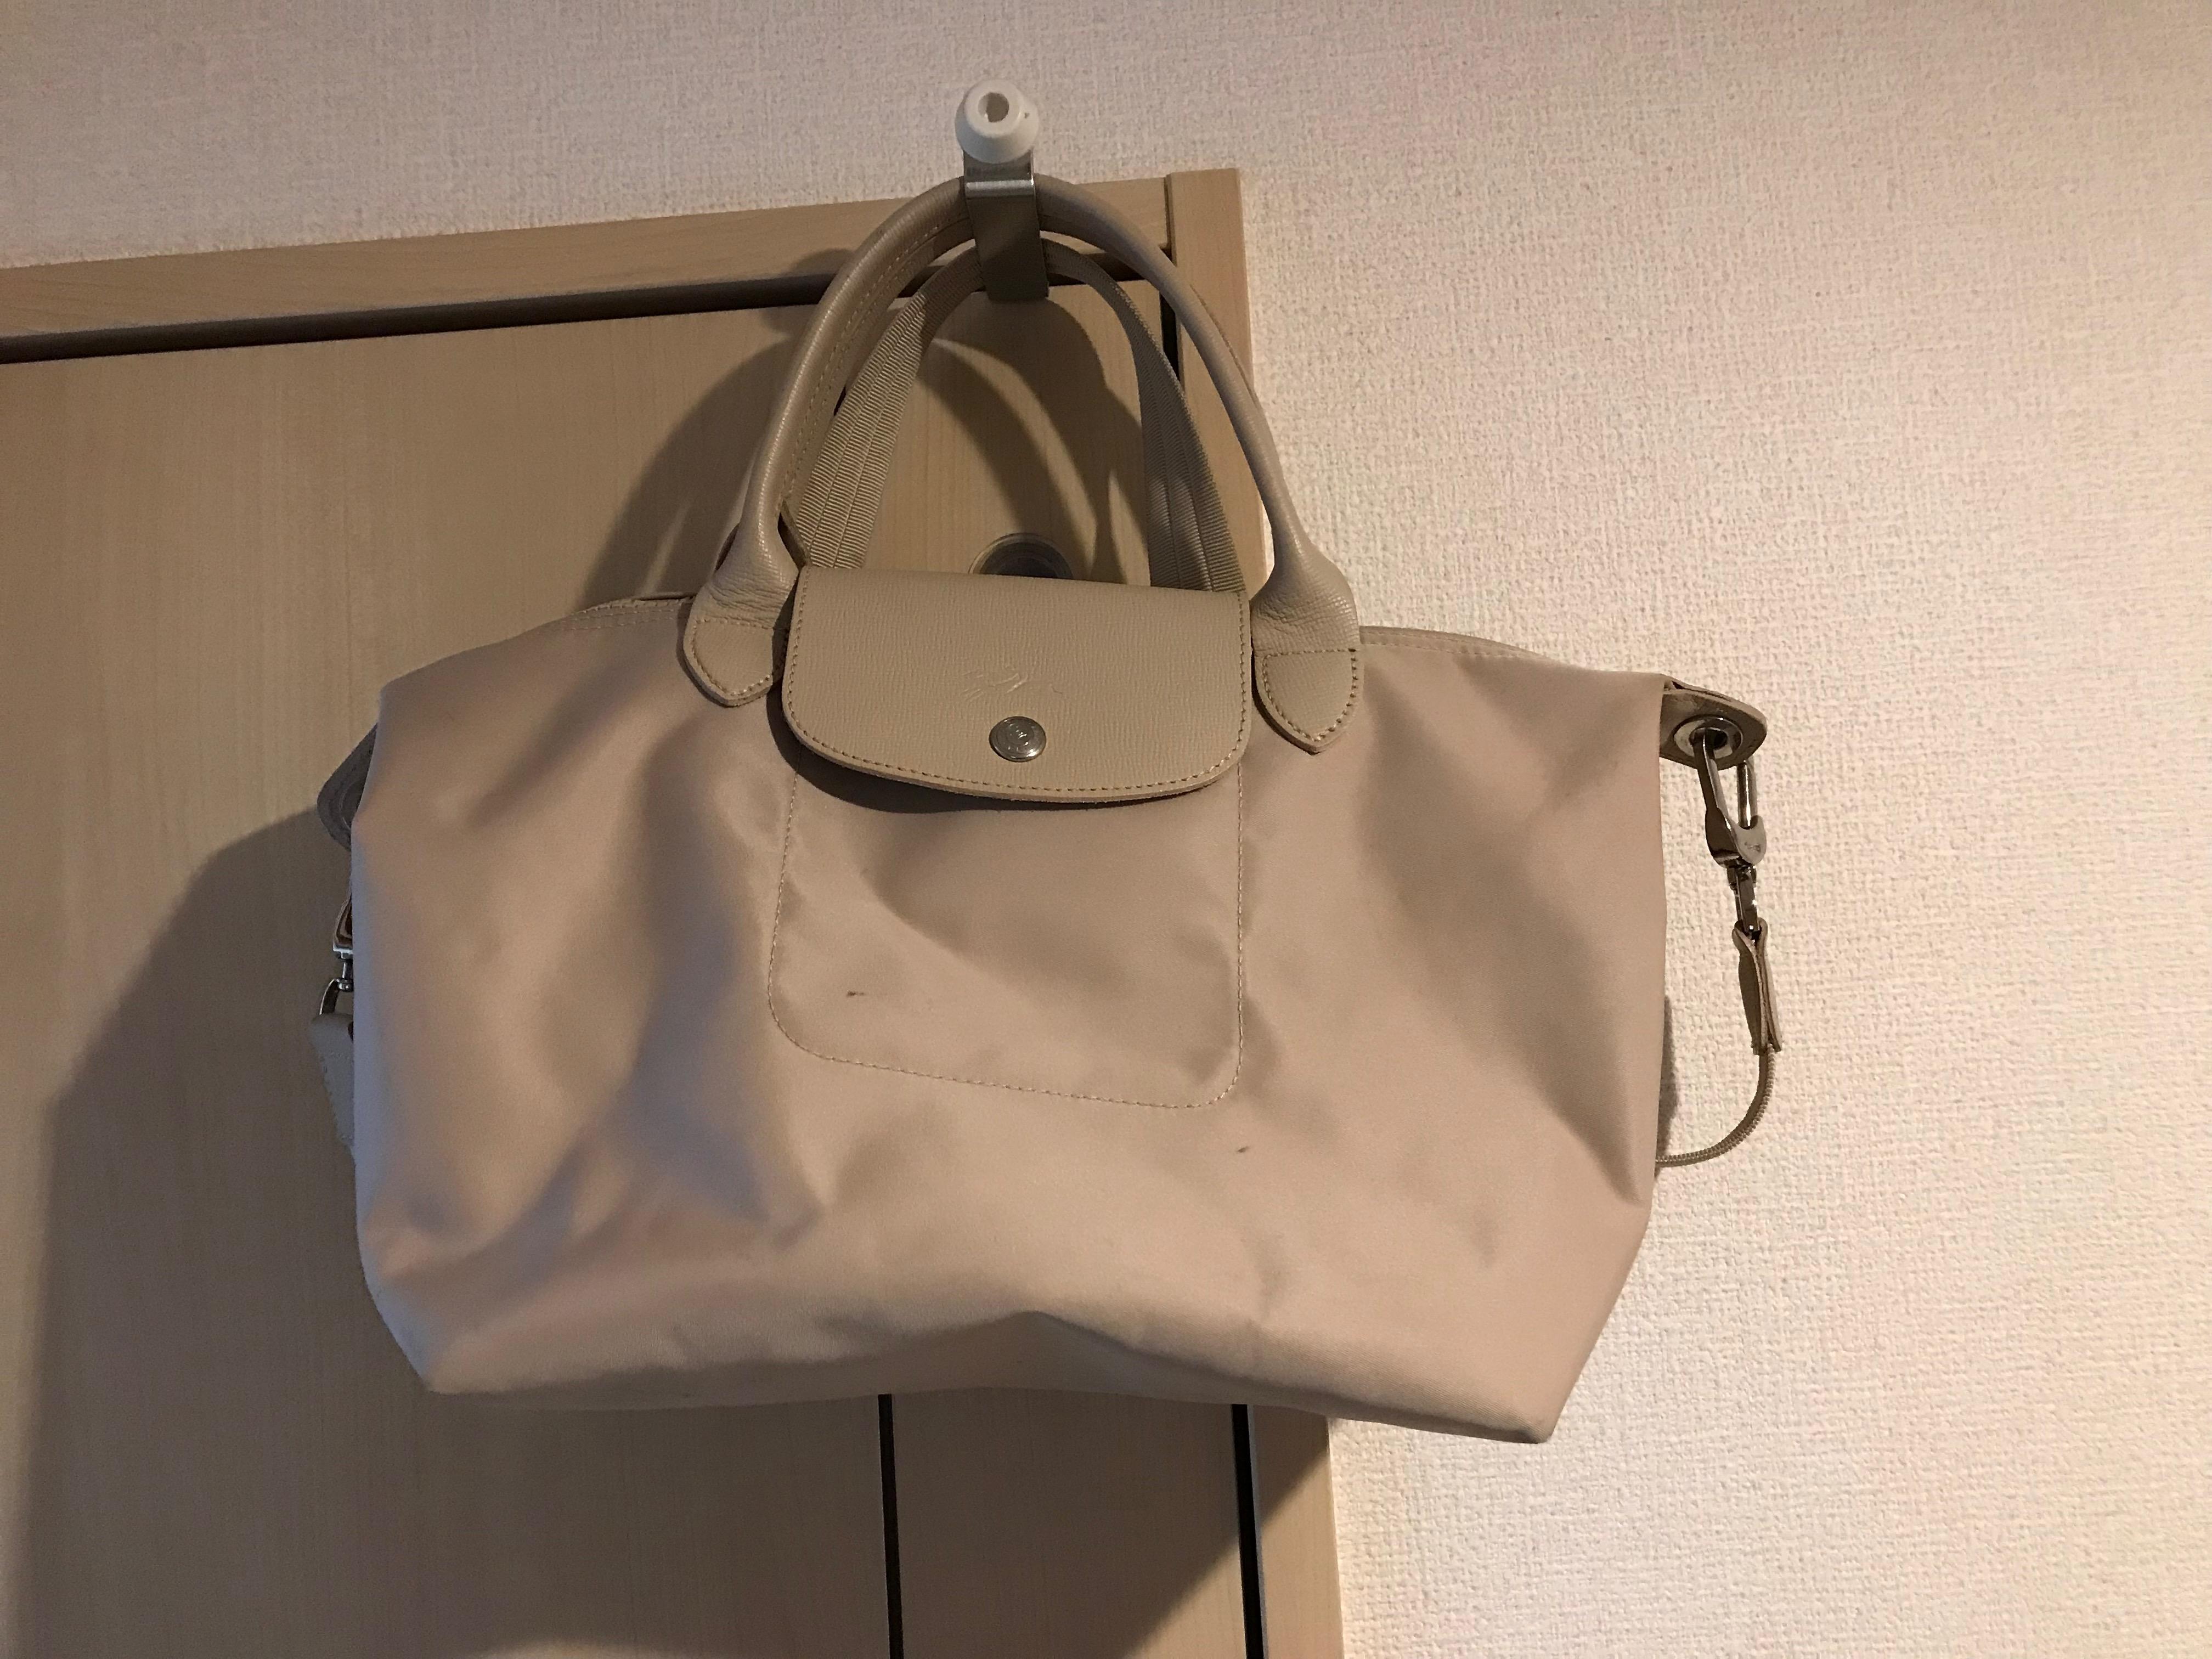 ロンシャンのマザーズバッグにおすすめな商品まとめ!